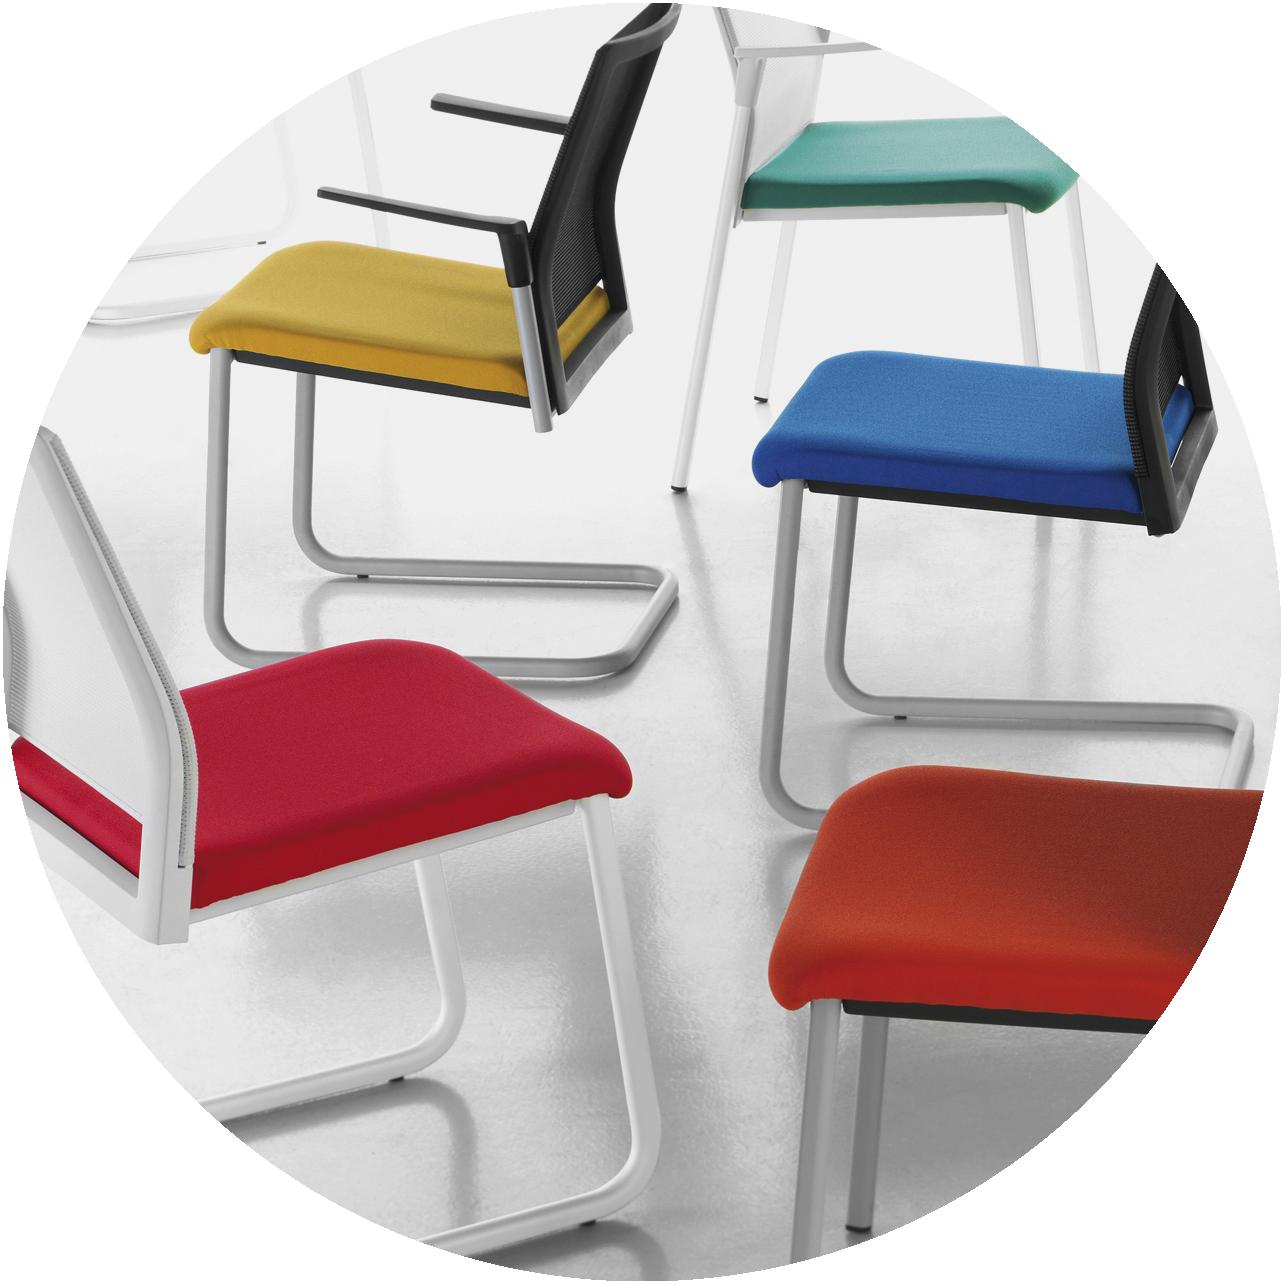 Plural Chair - Forma 5